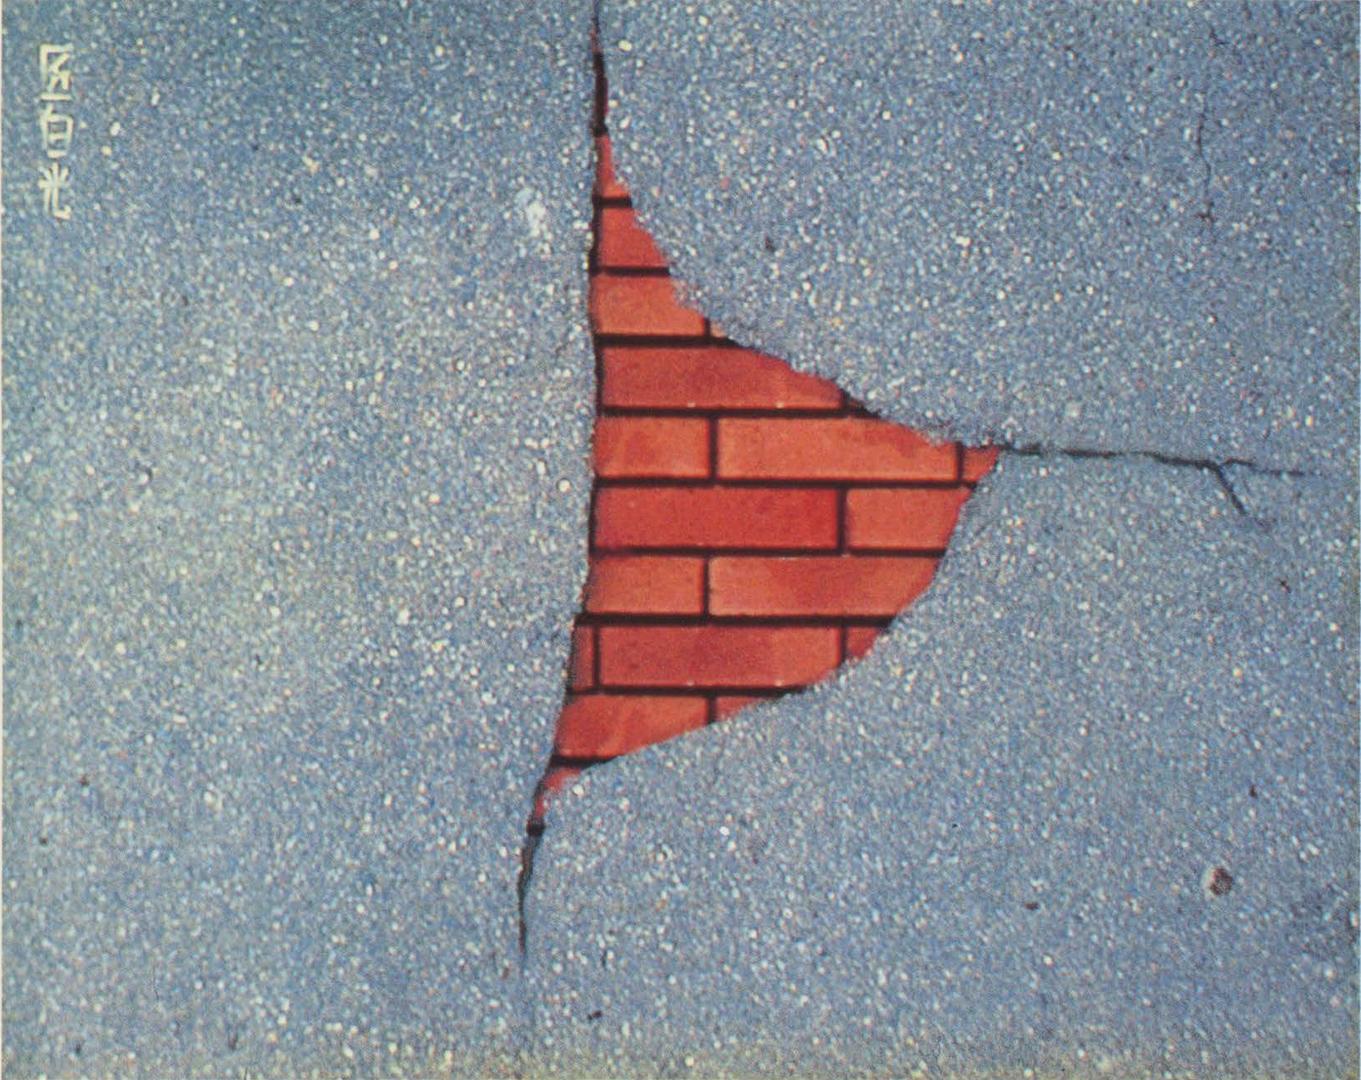 ©1990, Alvy Ray Smith, Photo Finish at the Brickyard